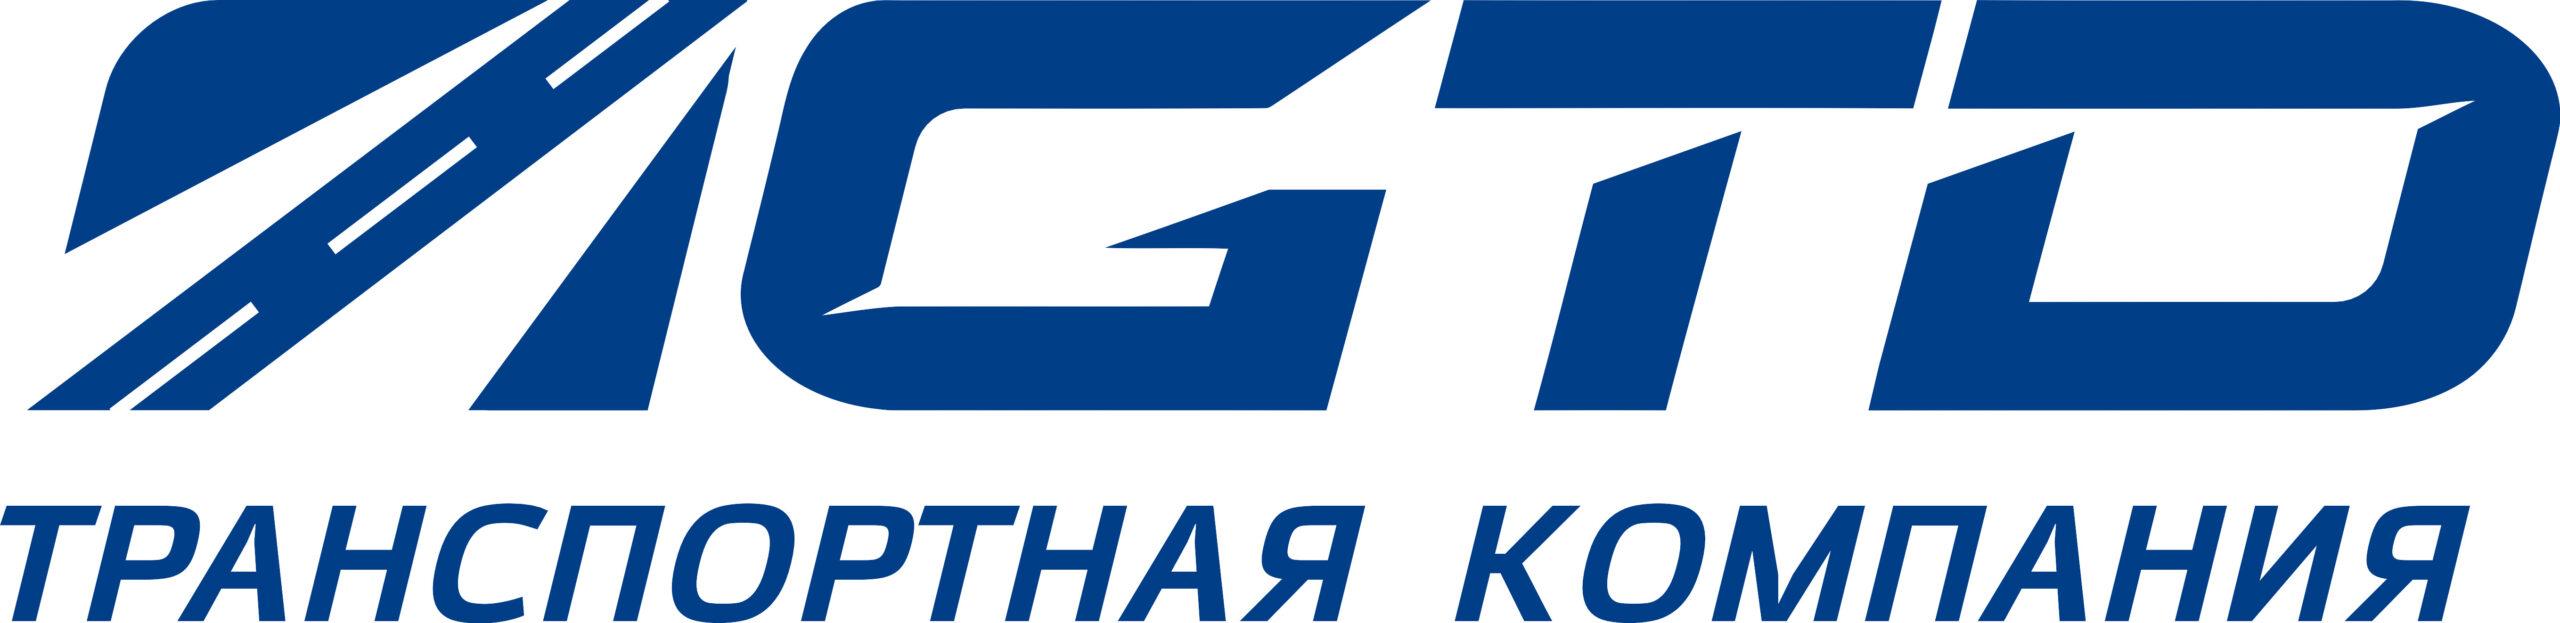 Оплата и доставка - Купить мебель в Москве с доставкой